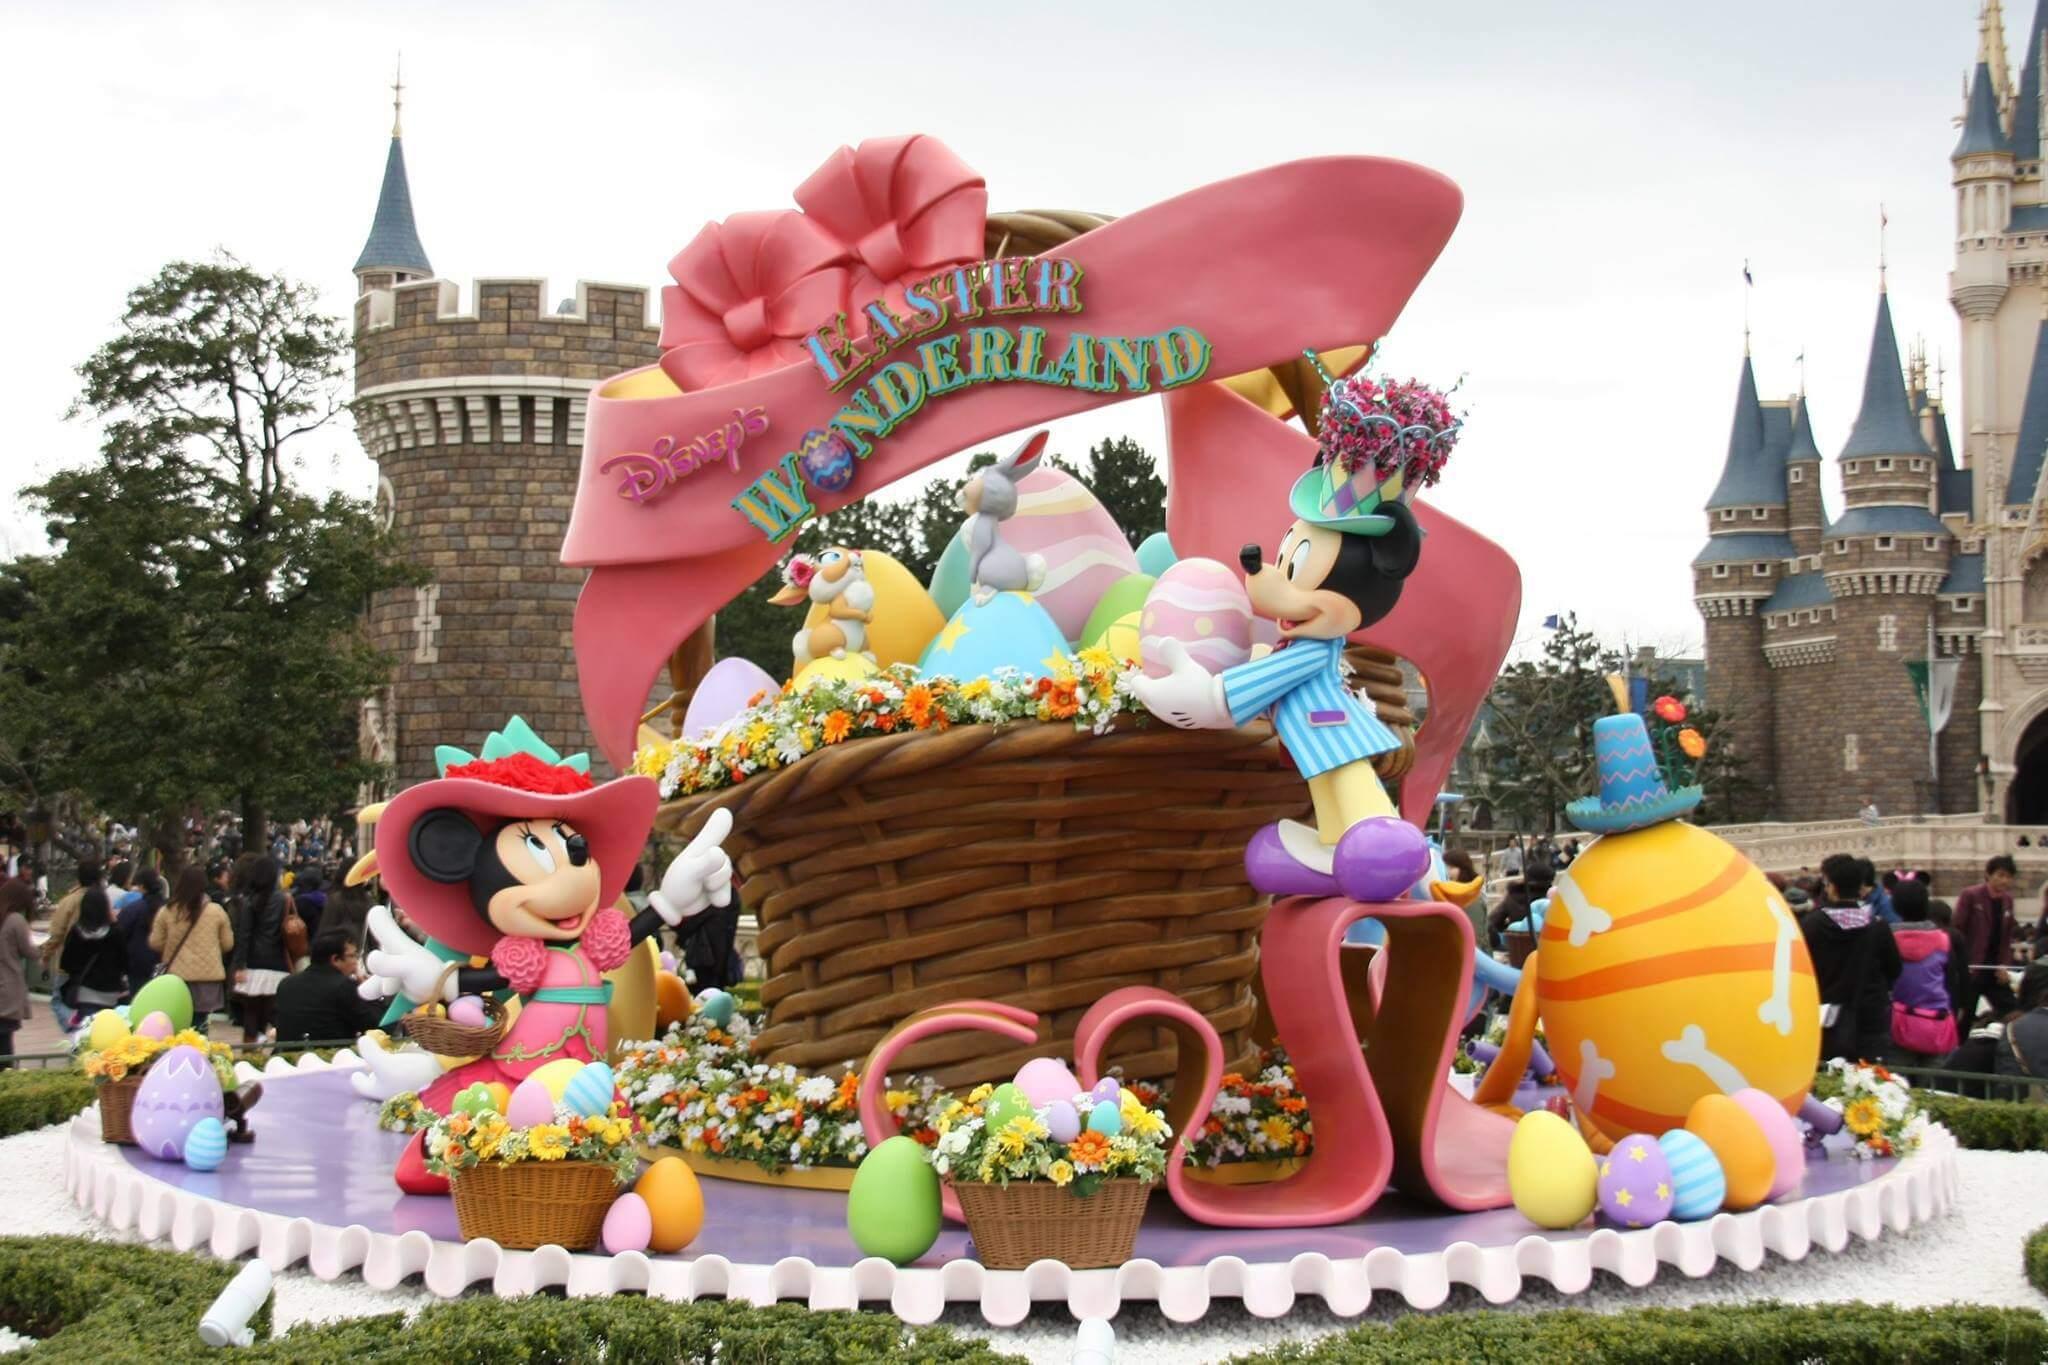 Disney e Orlando no mês de abril: Páscoa